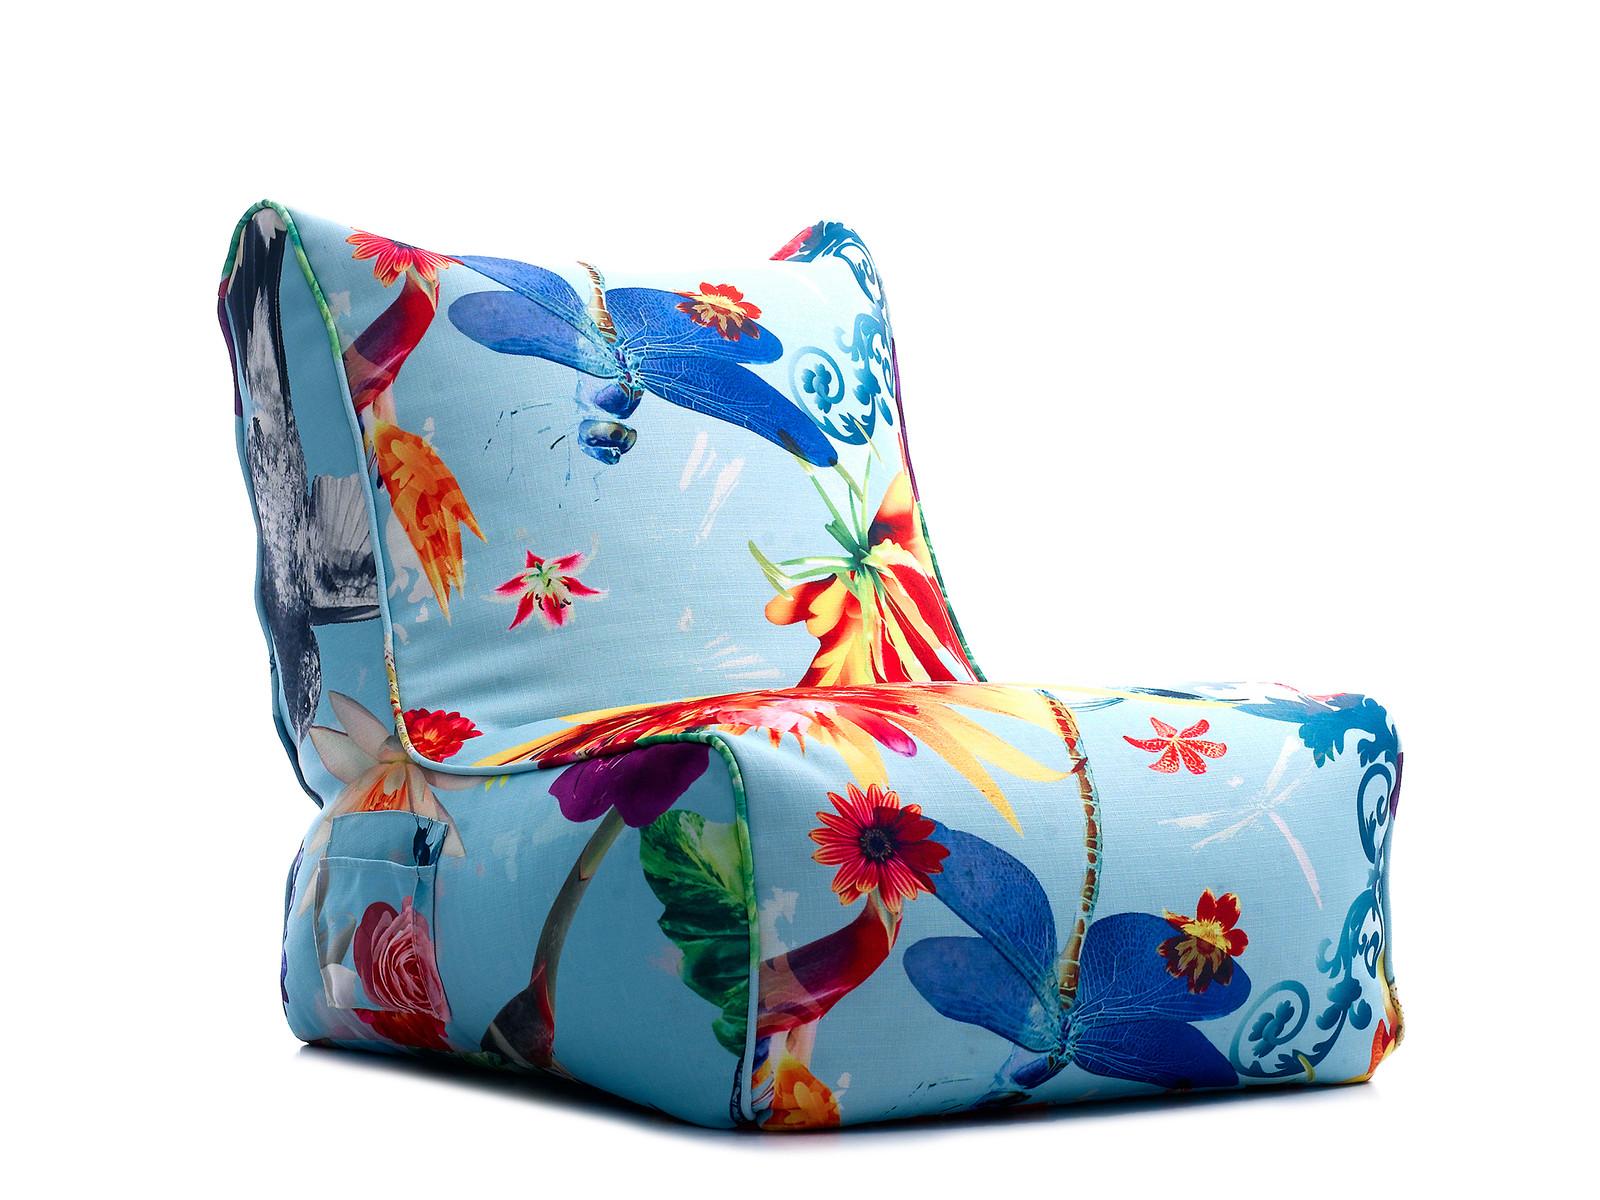 Remarkable Easychair Beanbag With Exclusive Print Le Modiste Originals Machost Co Dining Chair Design Ideas Machostcouk